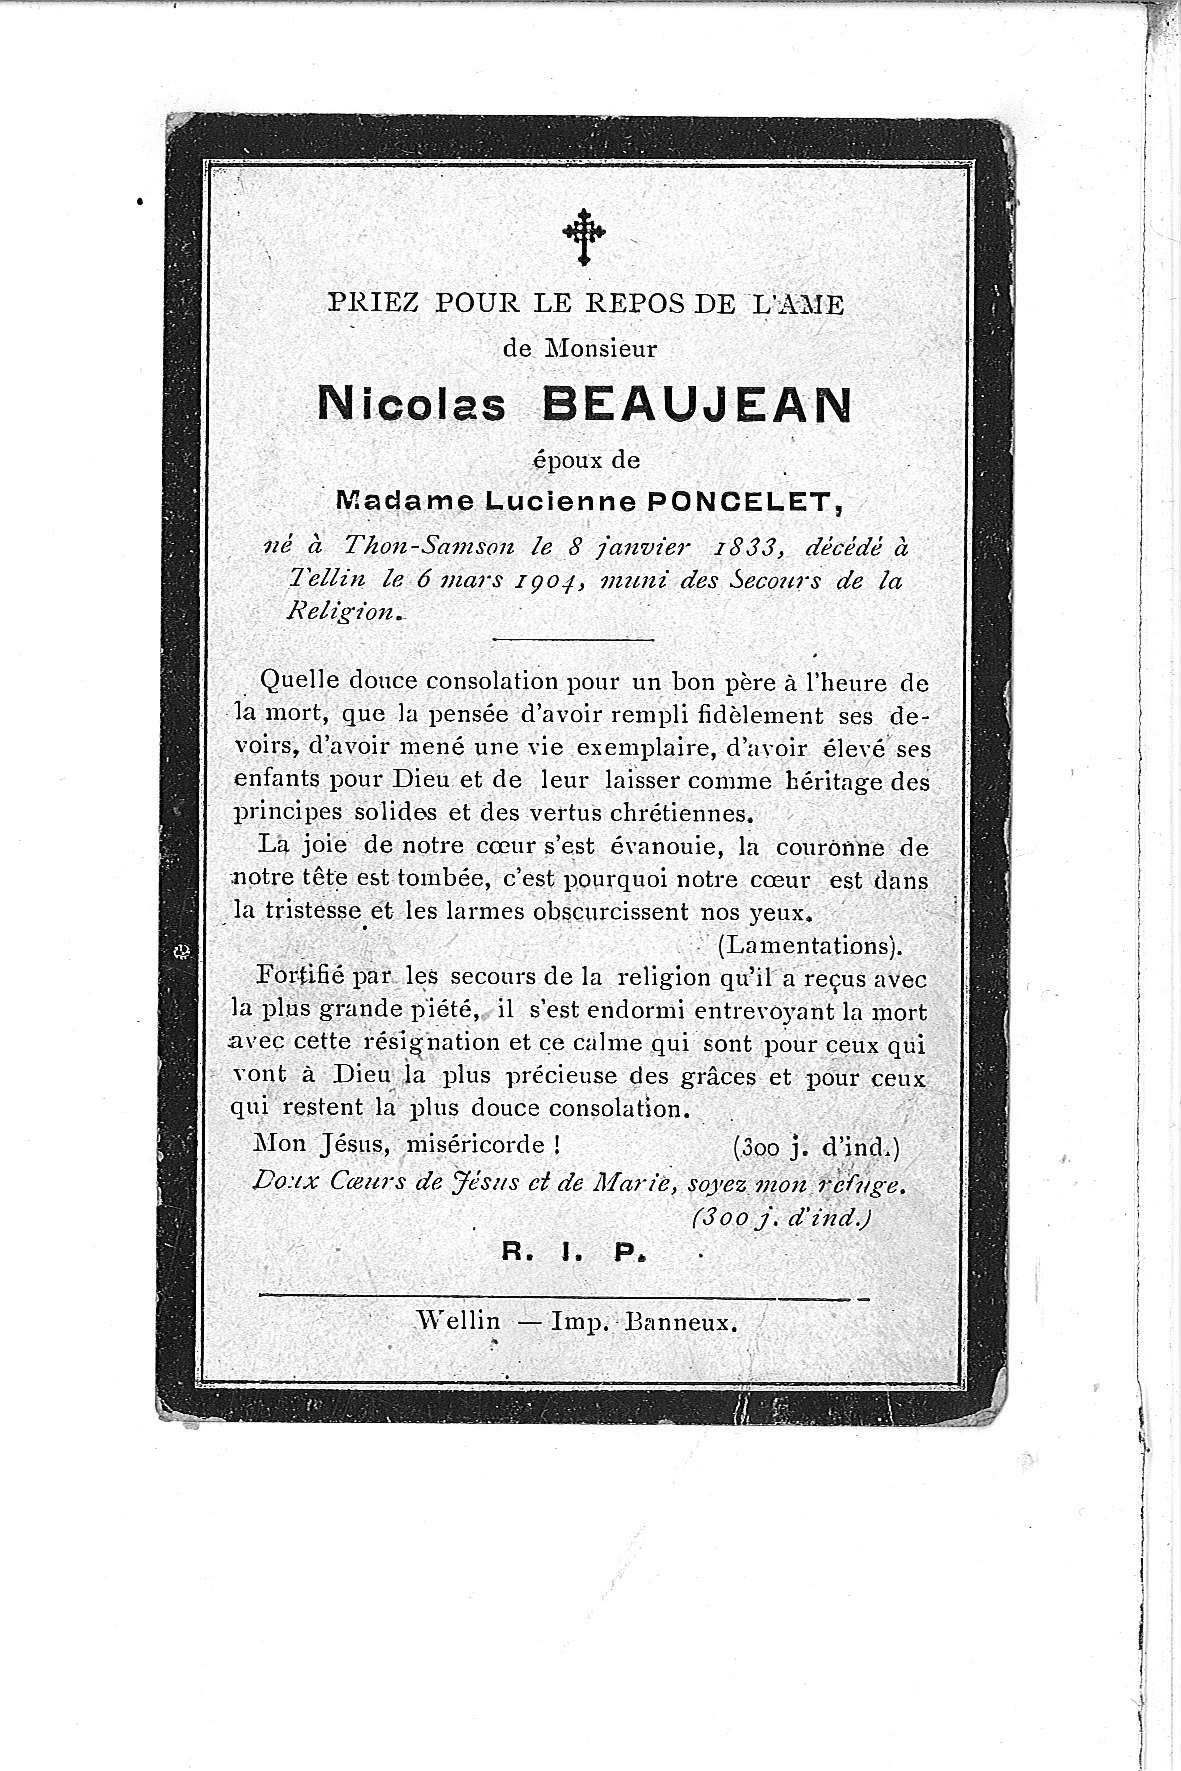 Nicolas(1904)20101117134816_00008.jpg